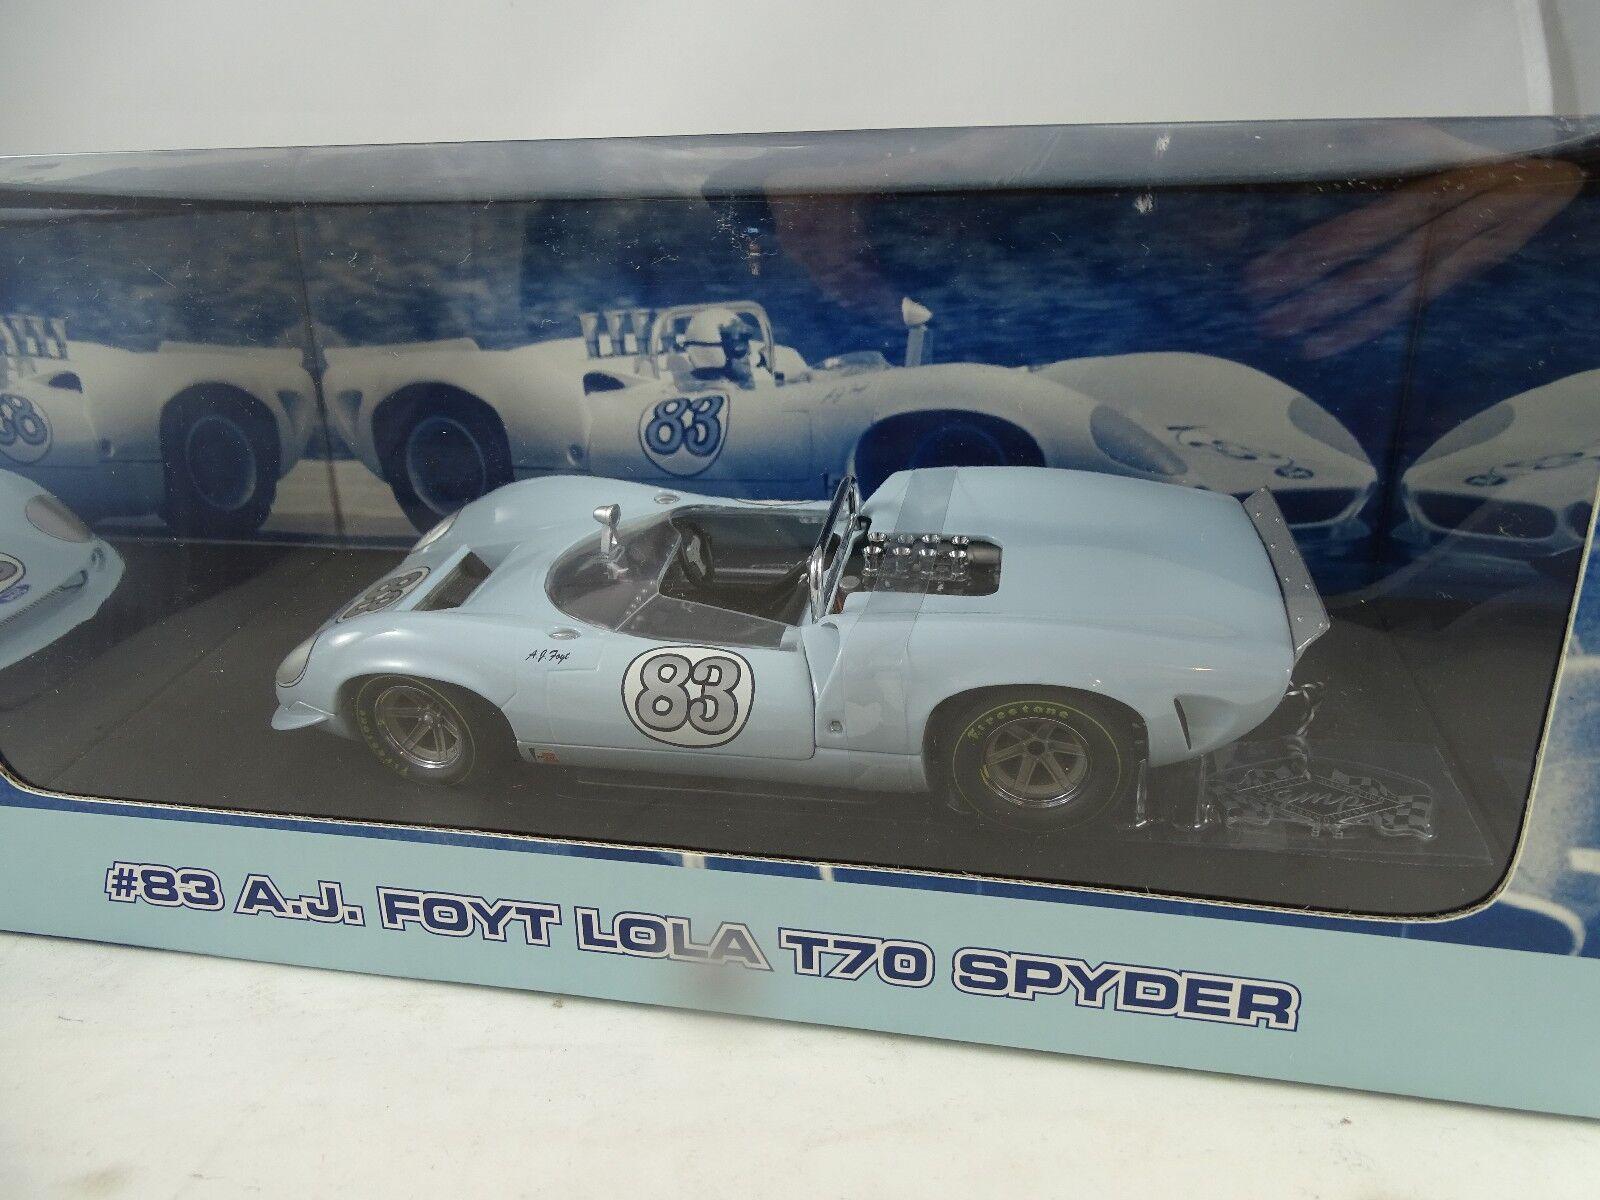 1 18 Gmp  12009 A. J. Foyt Lola T70 Spyder  83 Limitado Edición Rareza